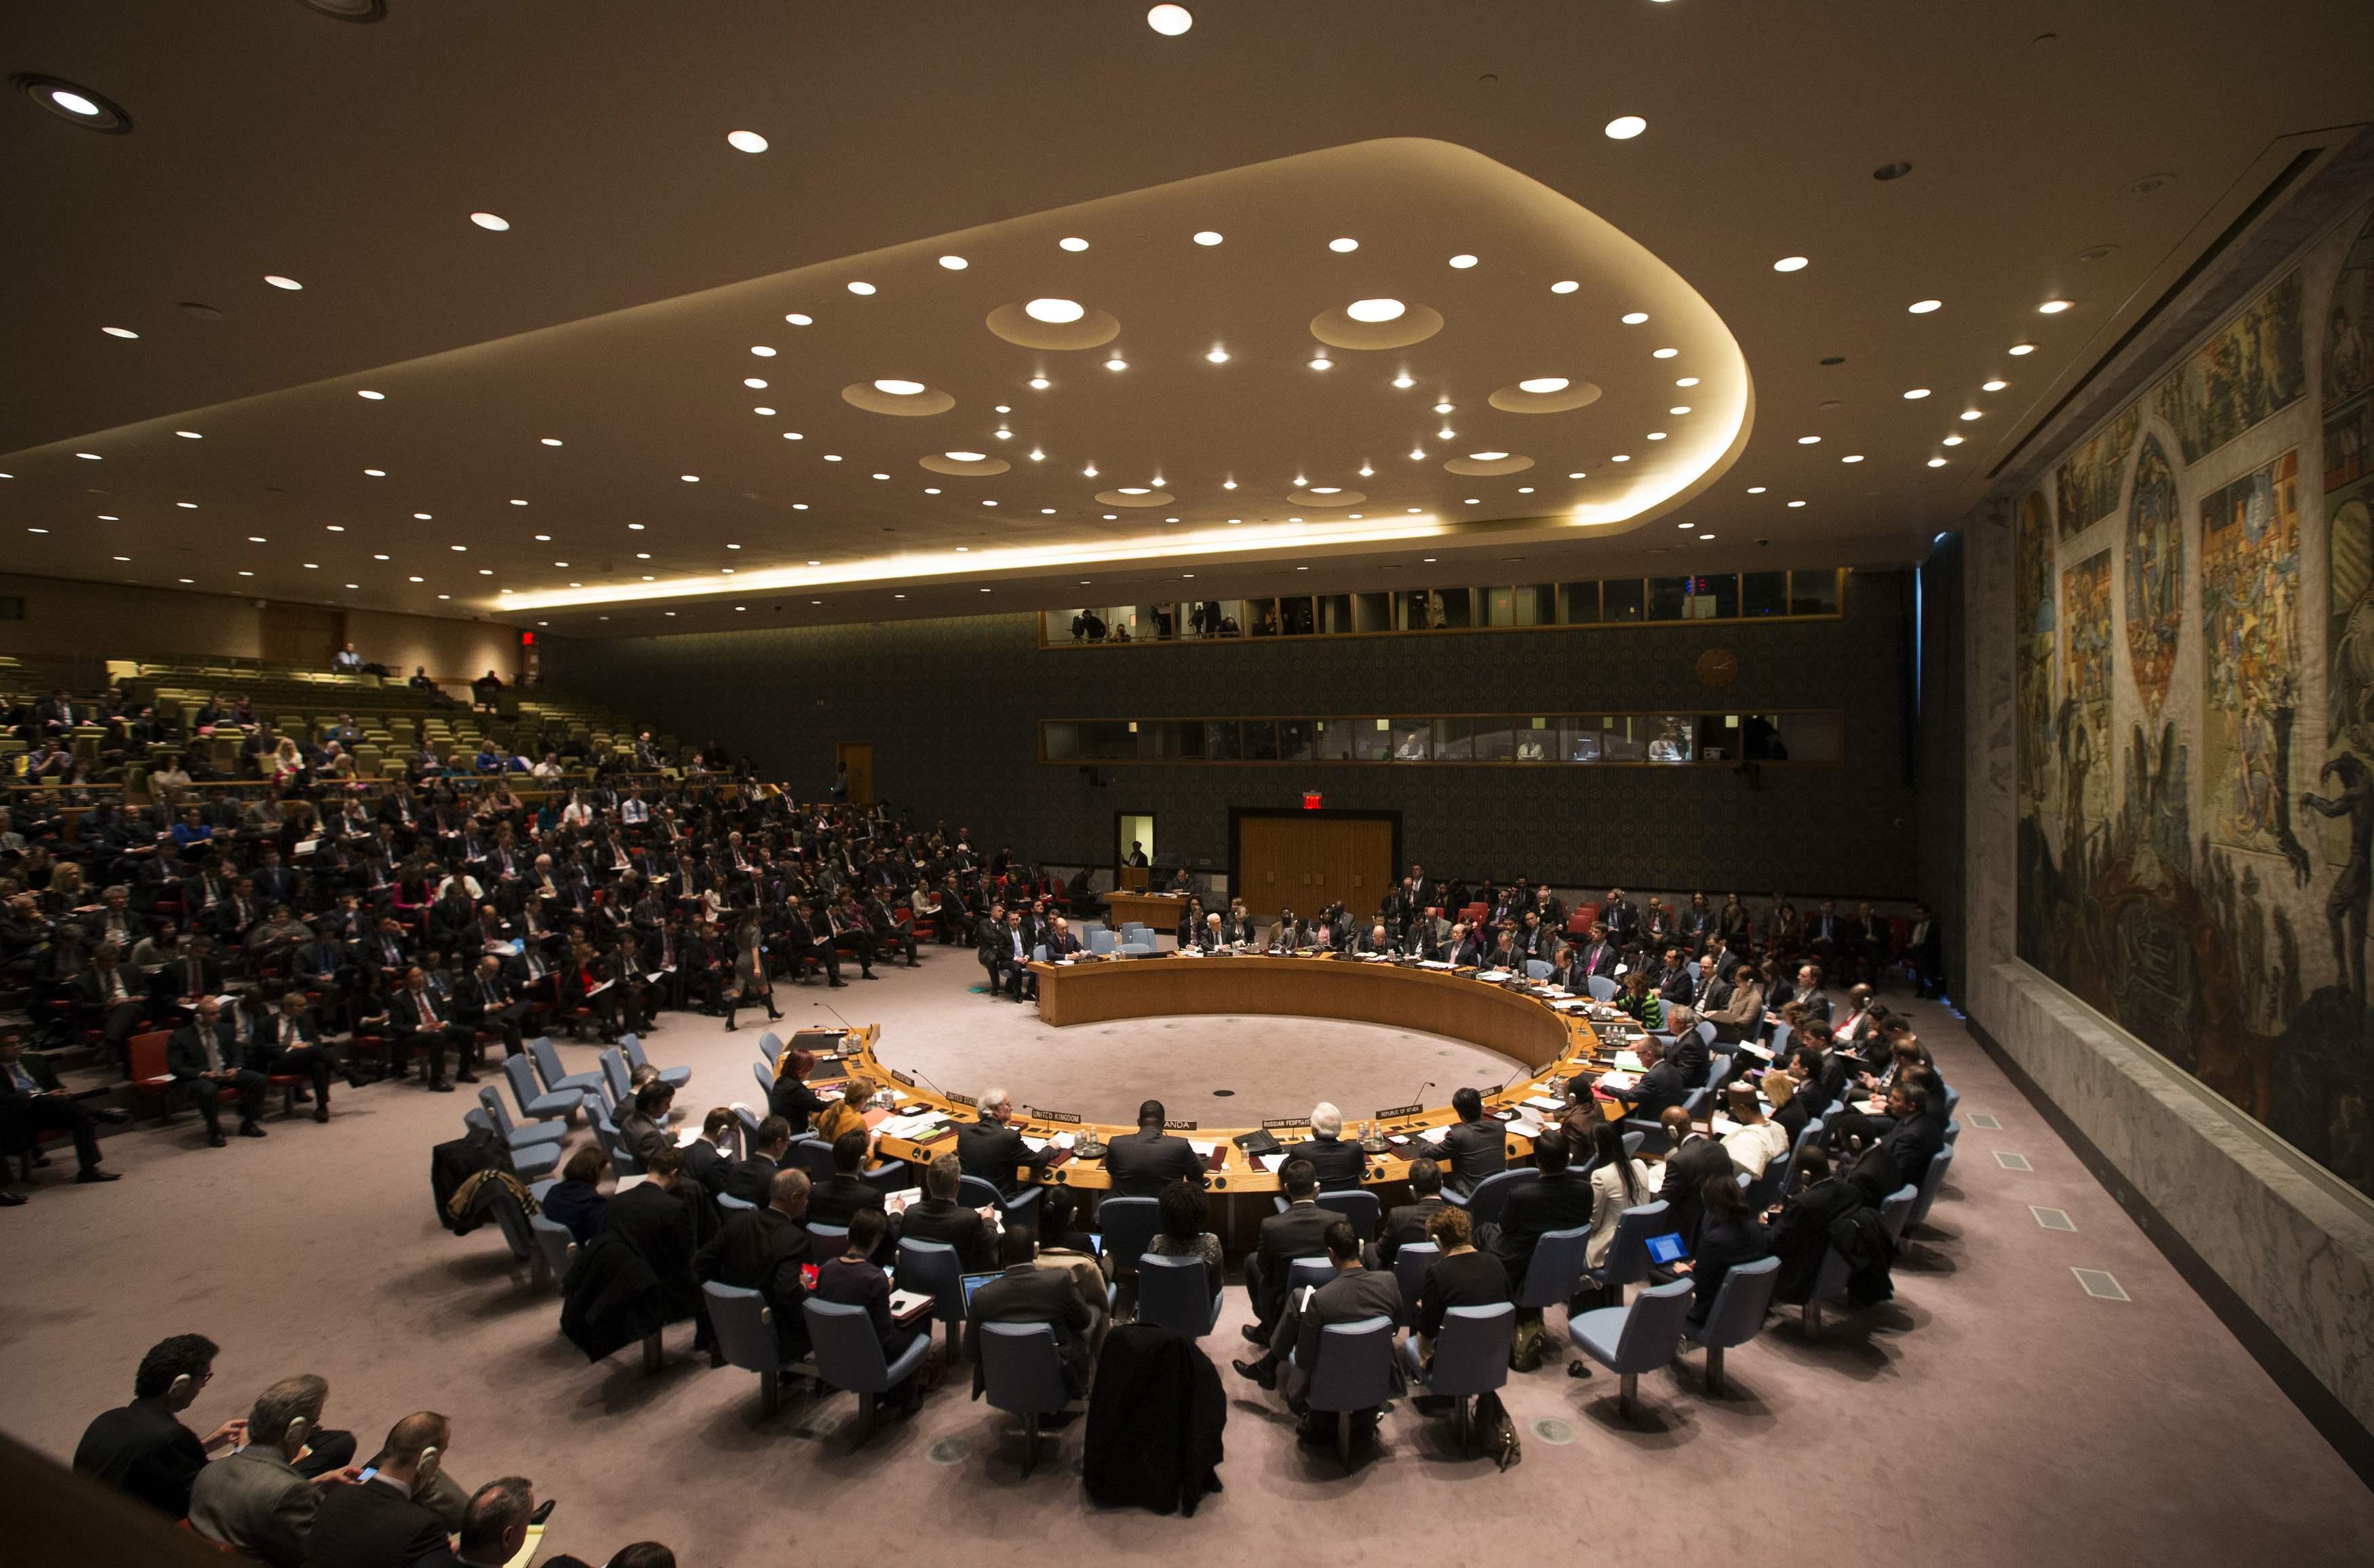 ООН создавалась для предотвращения Третьей мировой войны